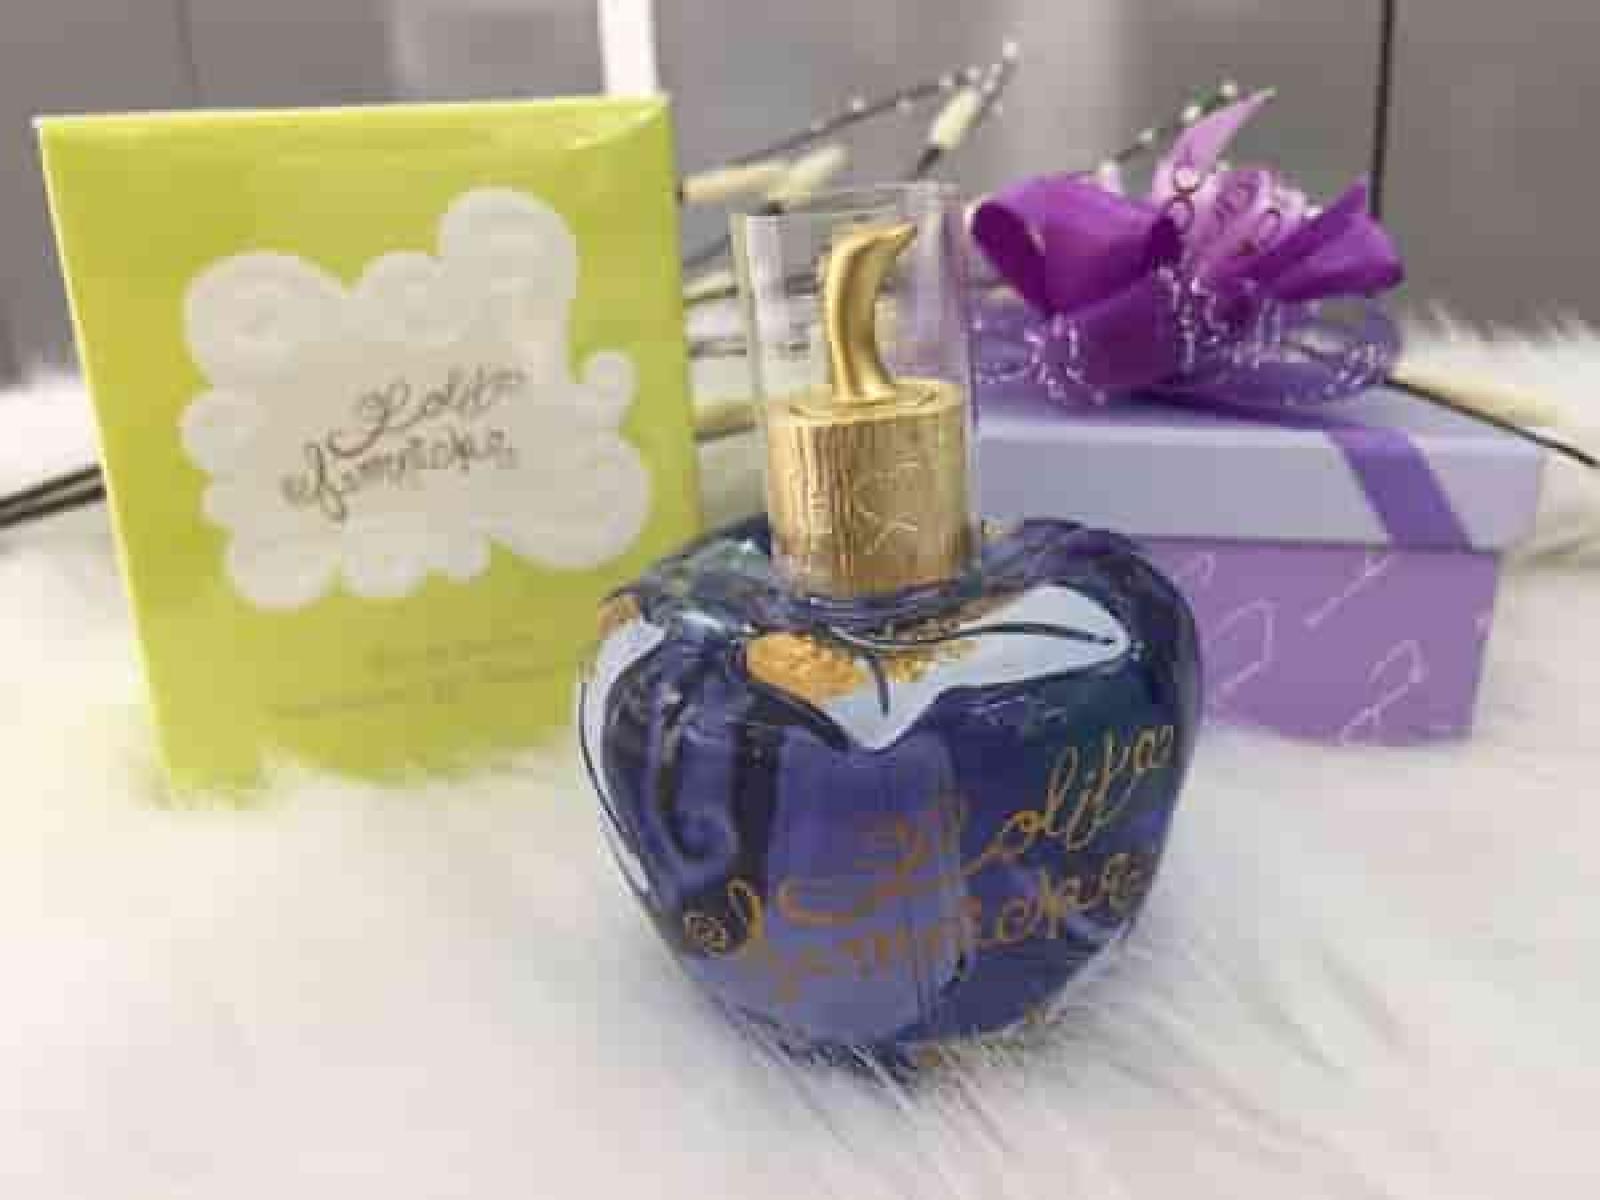 Nước hoa Lolita Lempicka mang đến sự huyền bí và đầy ngọt ngào cho phái nữ - 289642